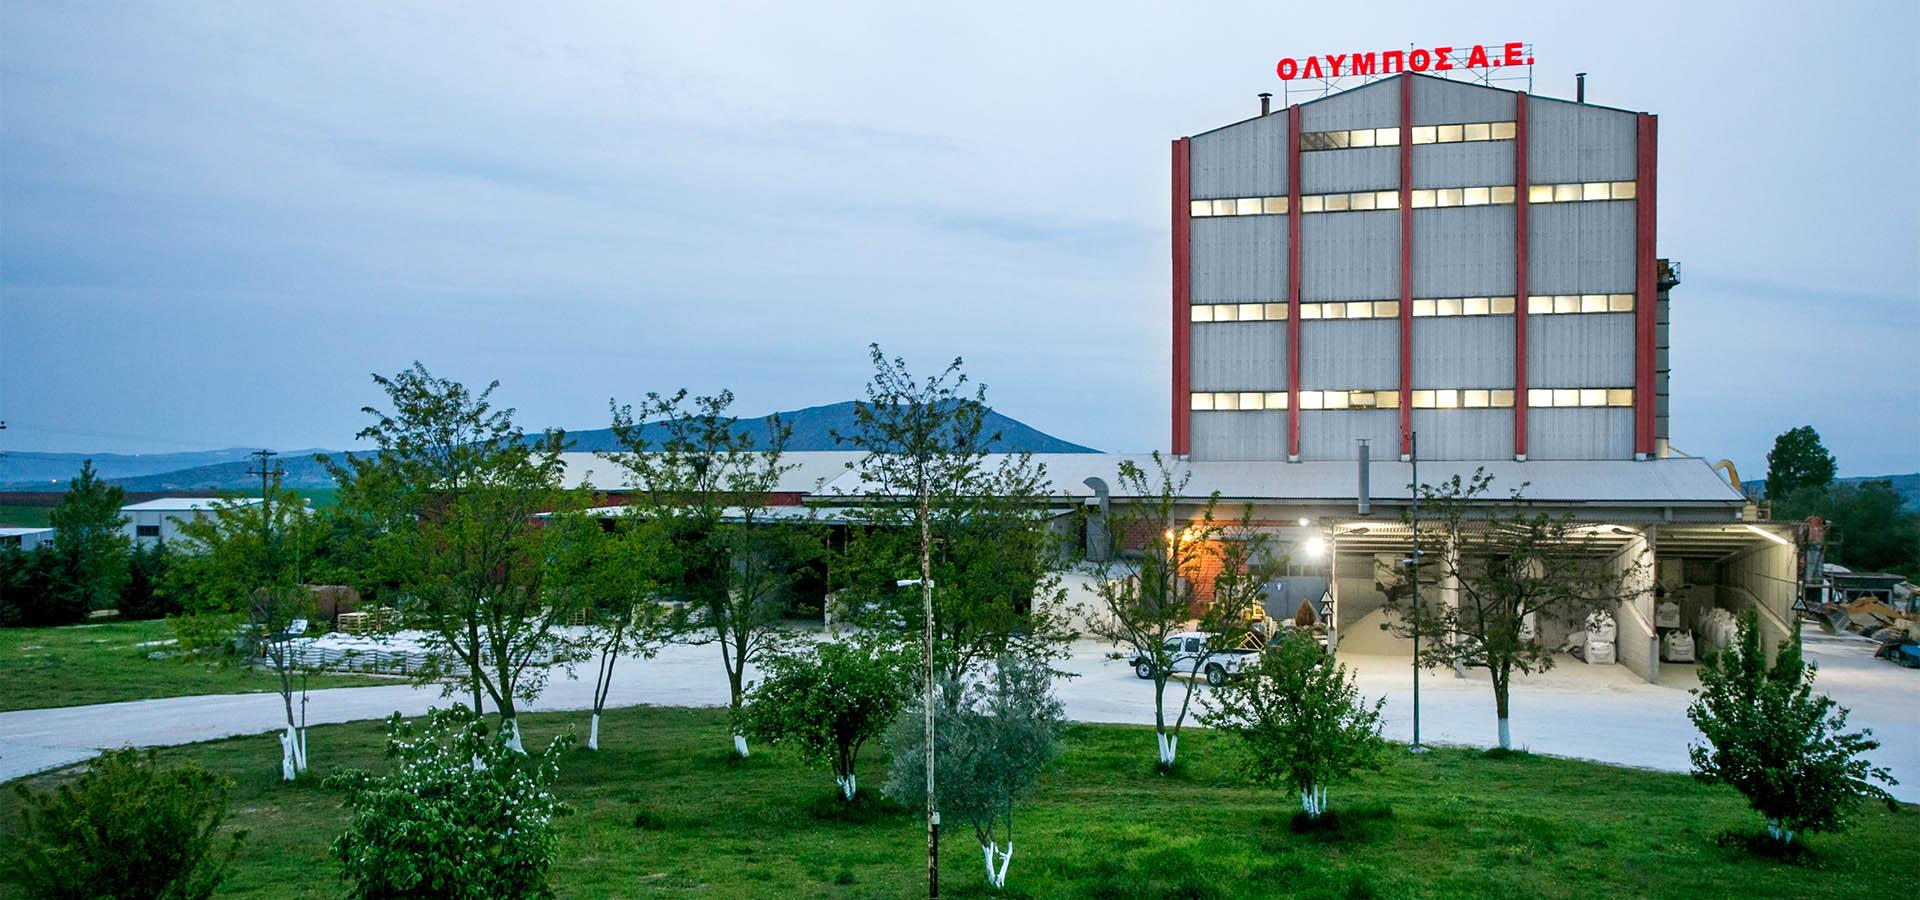 Βιομηχανικά ορυκτά – Θεσσαλονίκη – Κεντρική Μακεδονία - Όλυμπος ΑΕ